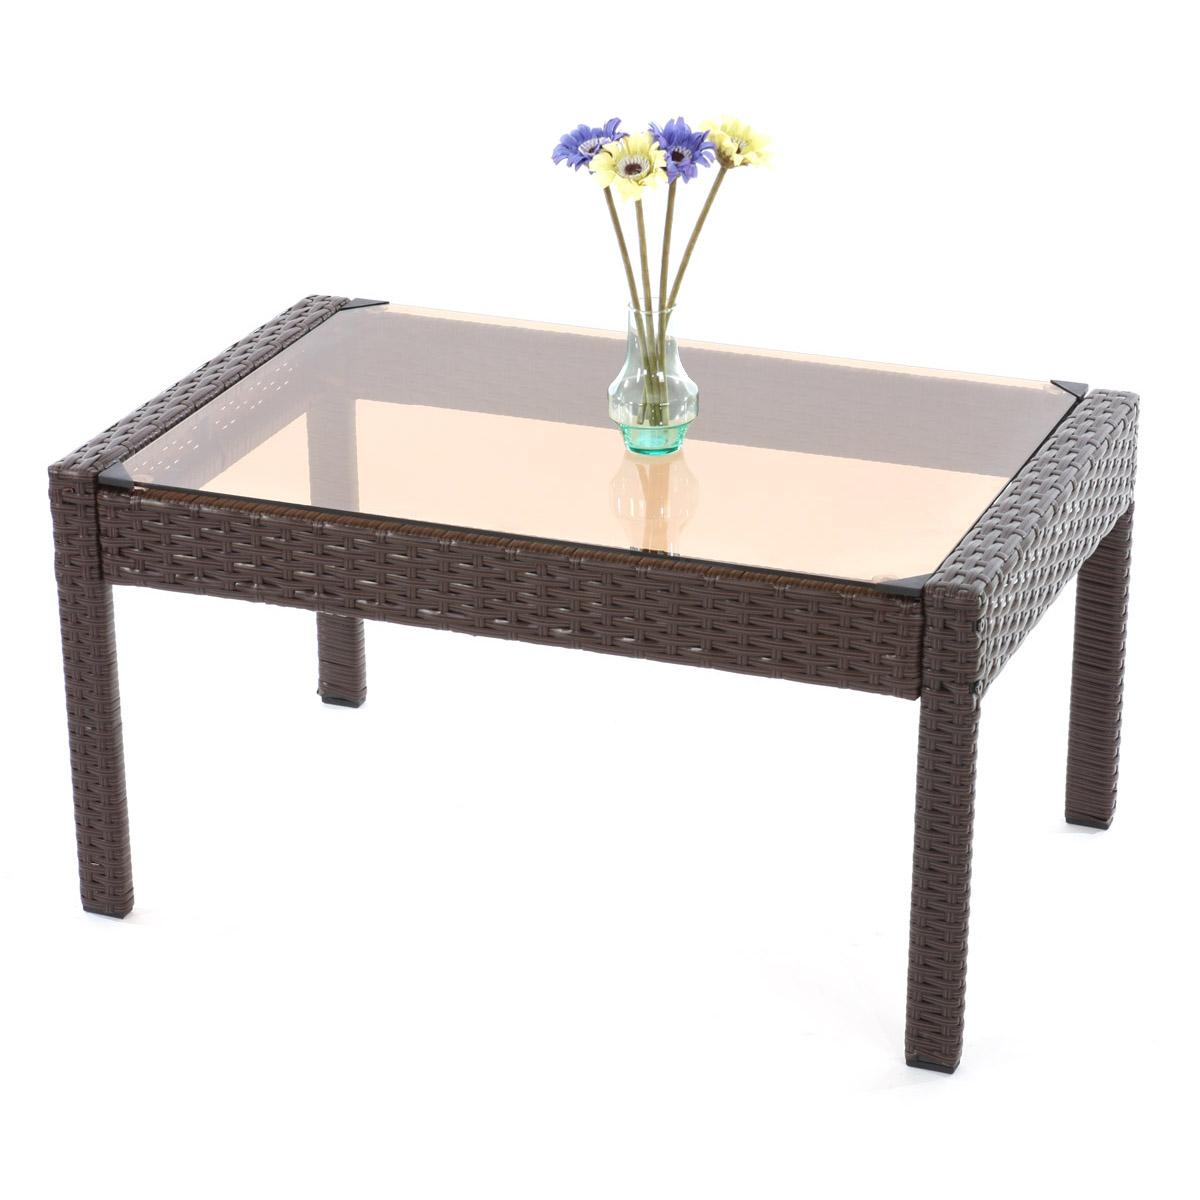 alu bistrotisch und alu stehtisch bistrotisch reckteckig jetzt g nstig kaufen. Black Bedroom Furniture Sets. Home Design Ideas